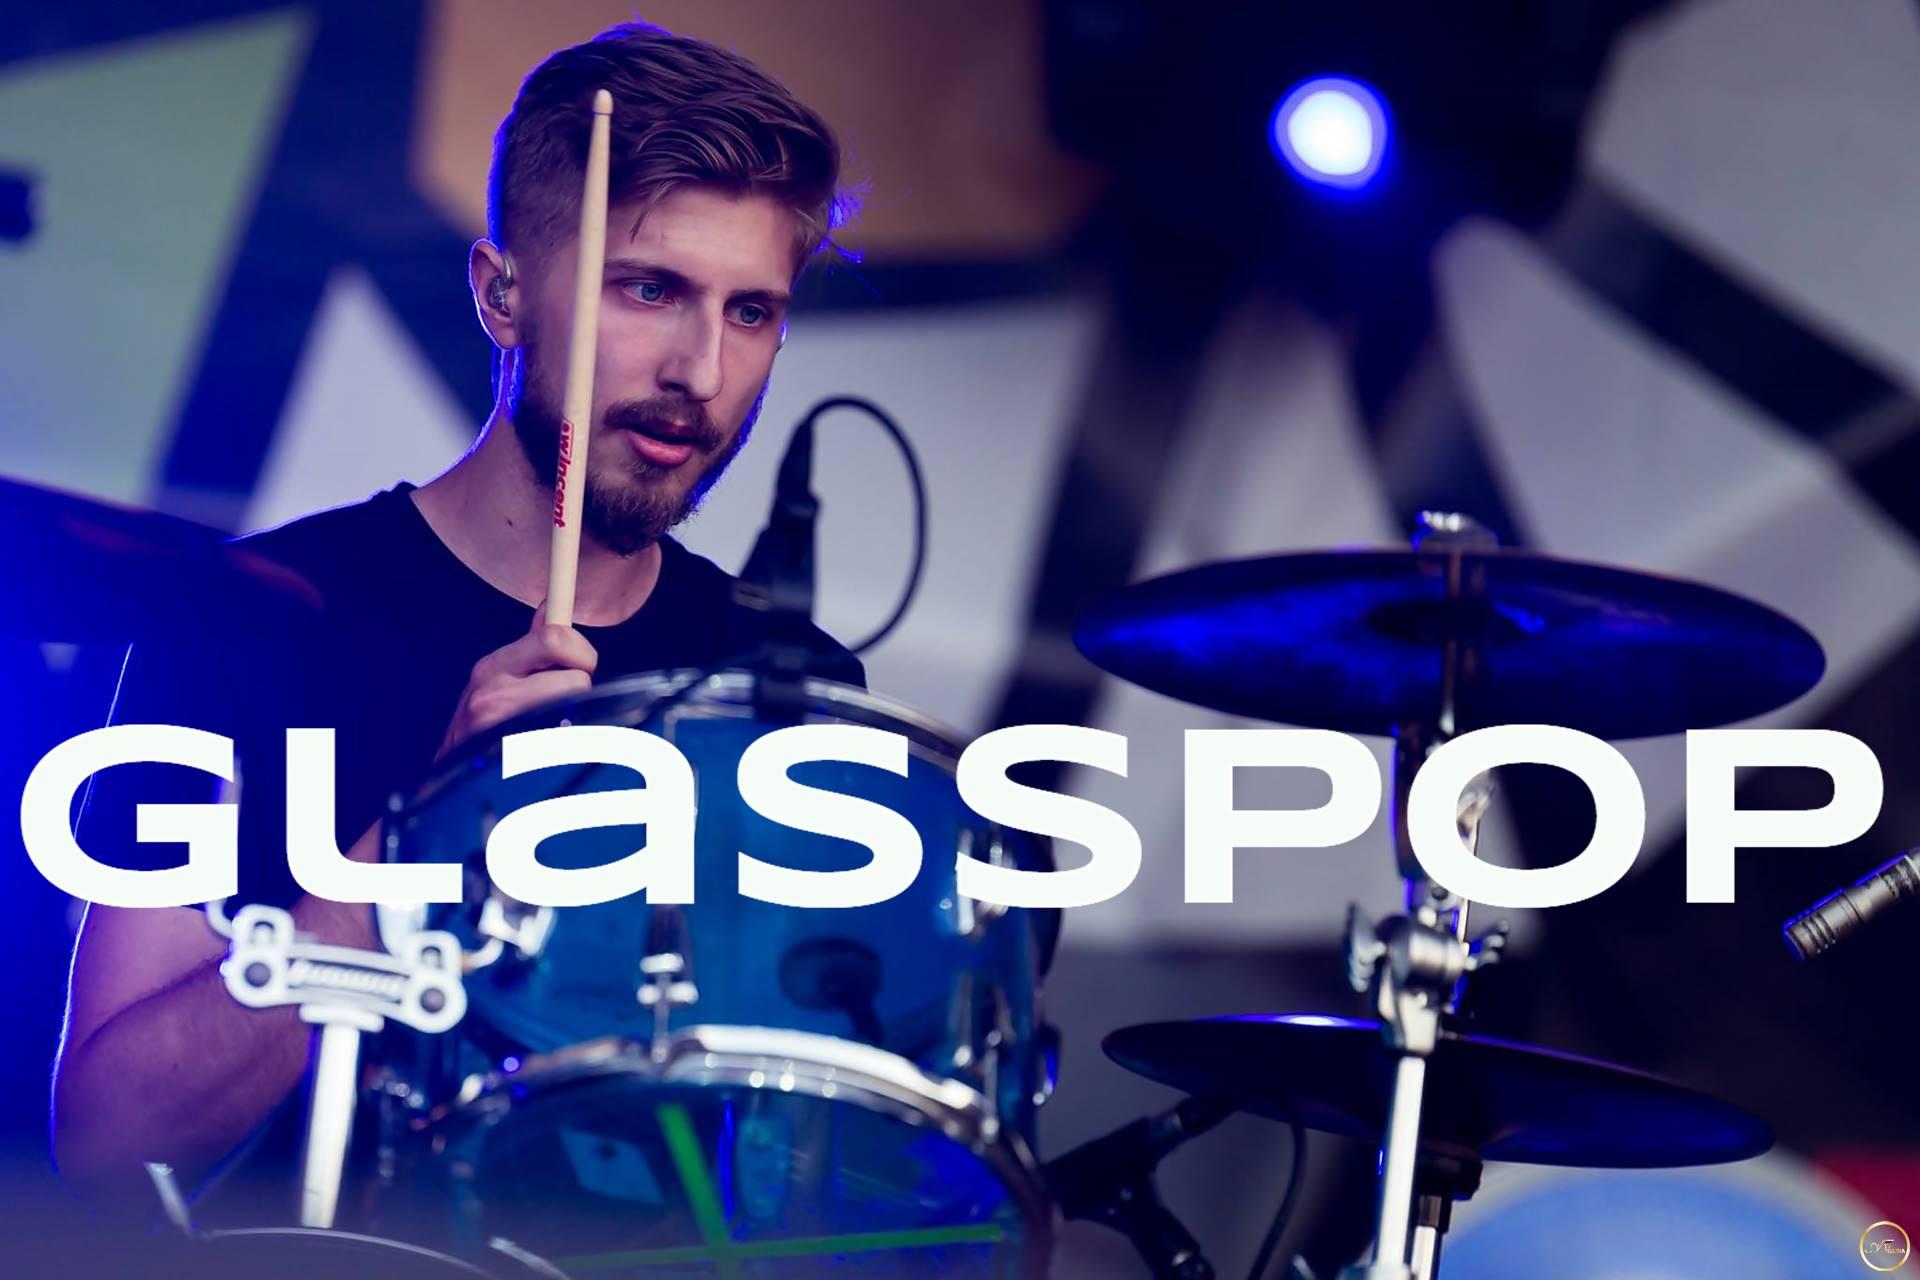 GlassPop